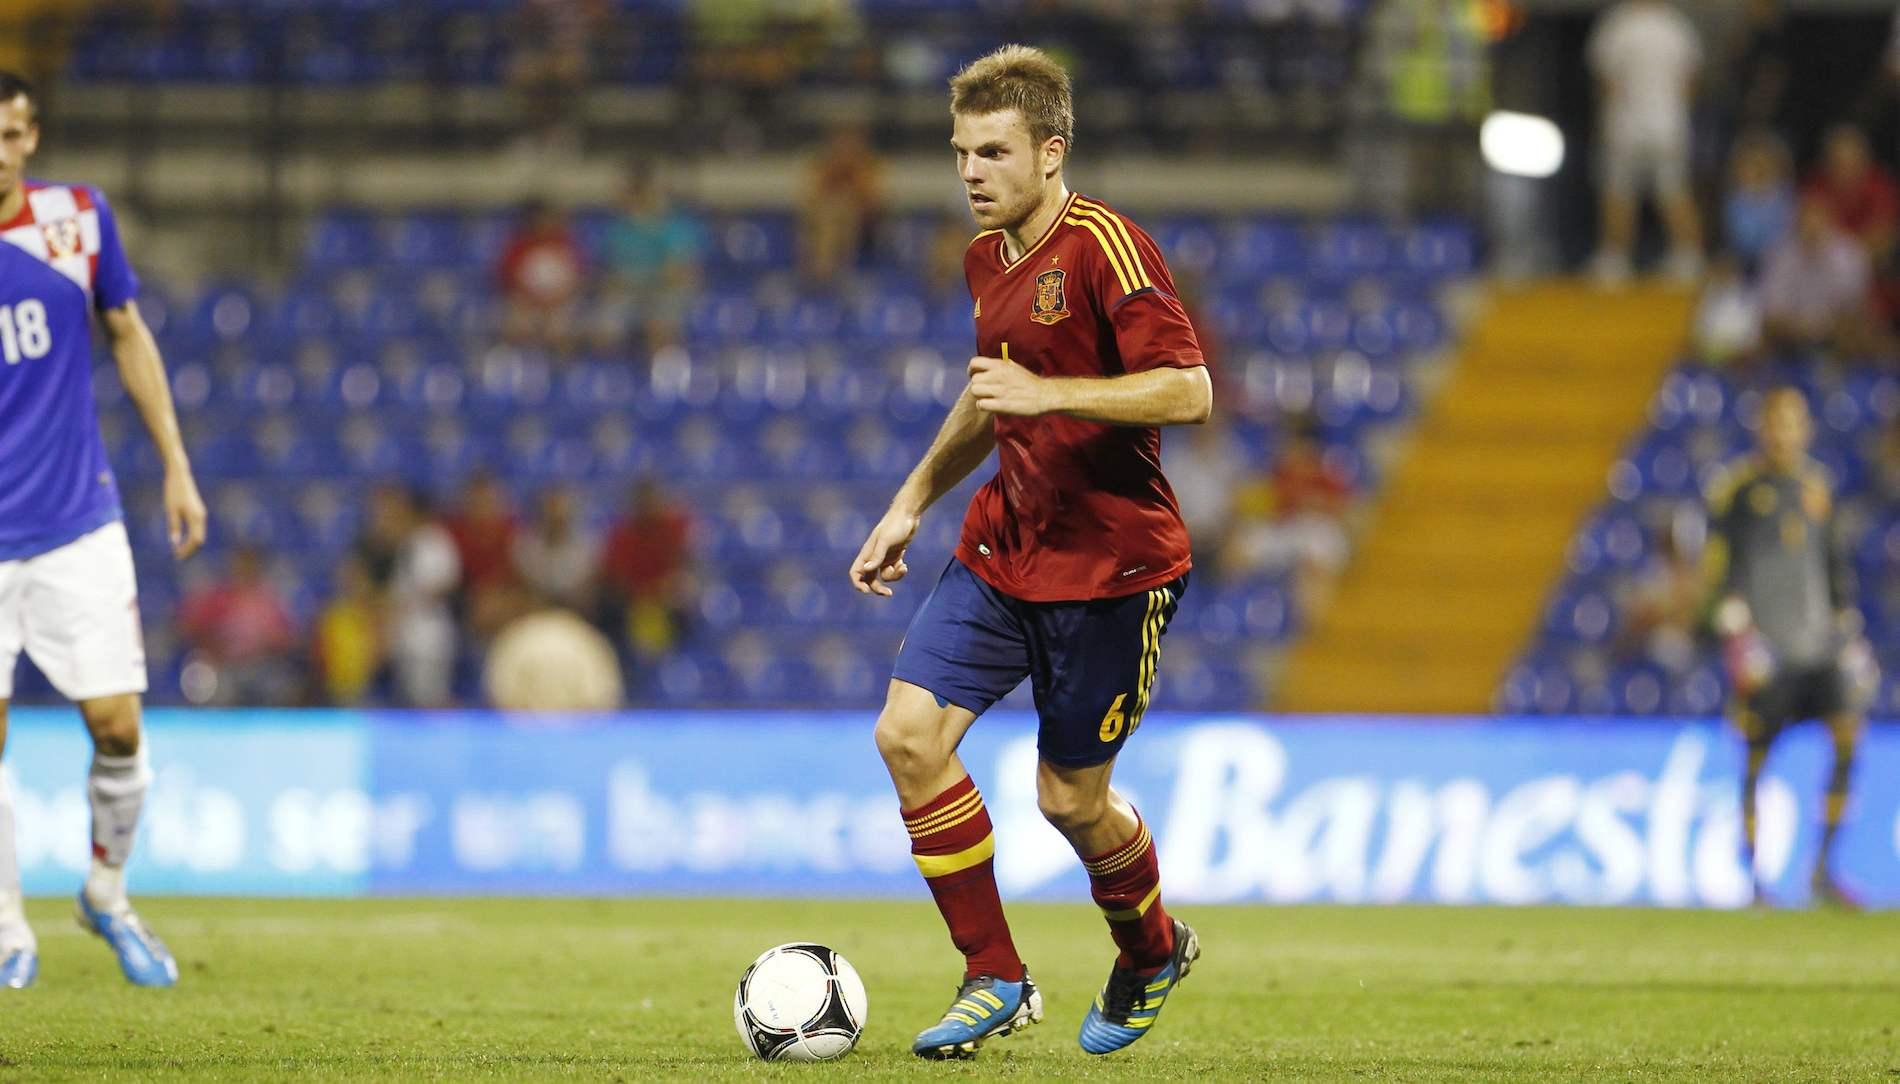 España 6 – Croacia 0, fase de clasificación para el Europeo de Israel 2013 (10-09-12)